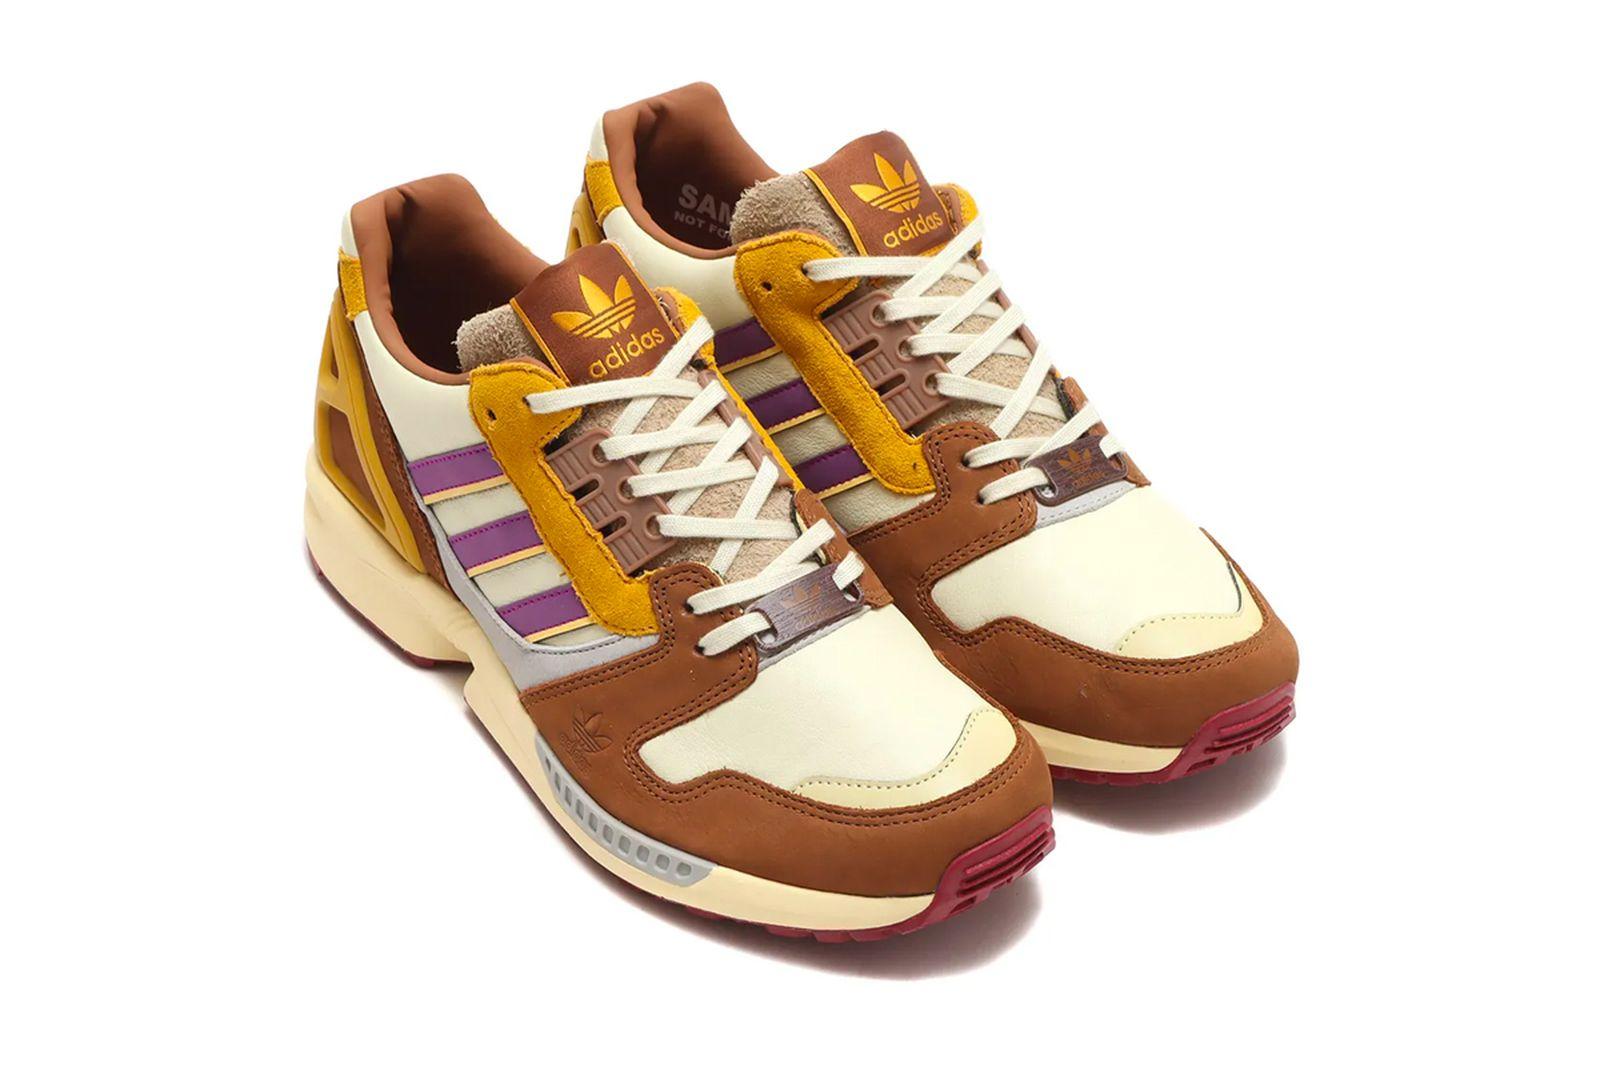 adidas-originals-atmos-yoyogi-park-pack-04